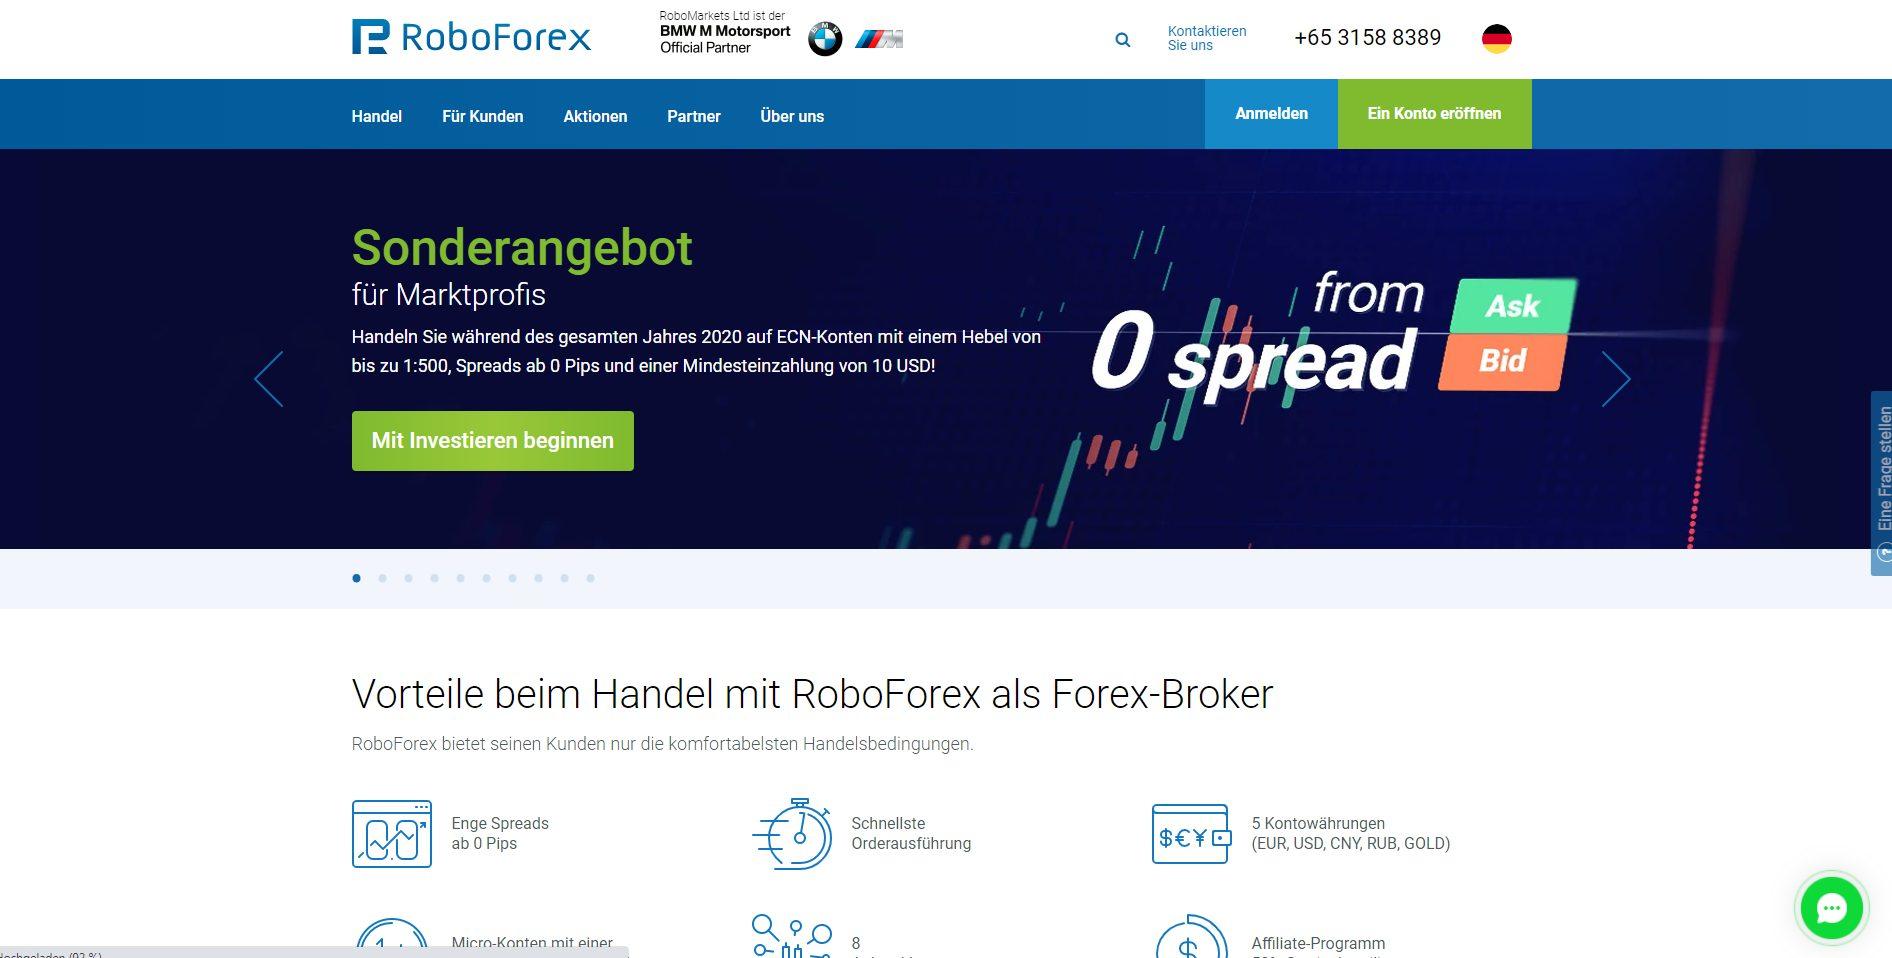 RoboForex CFD Broker Webseite